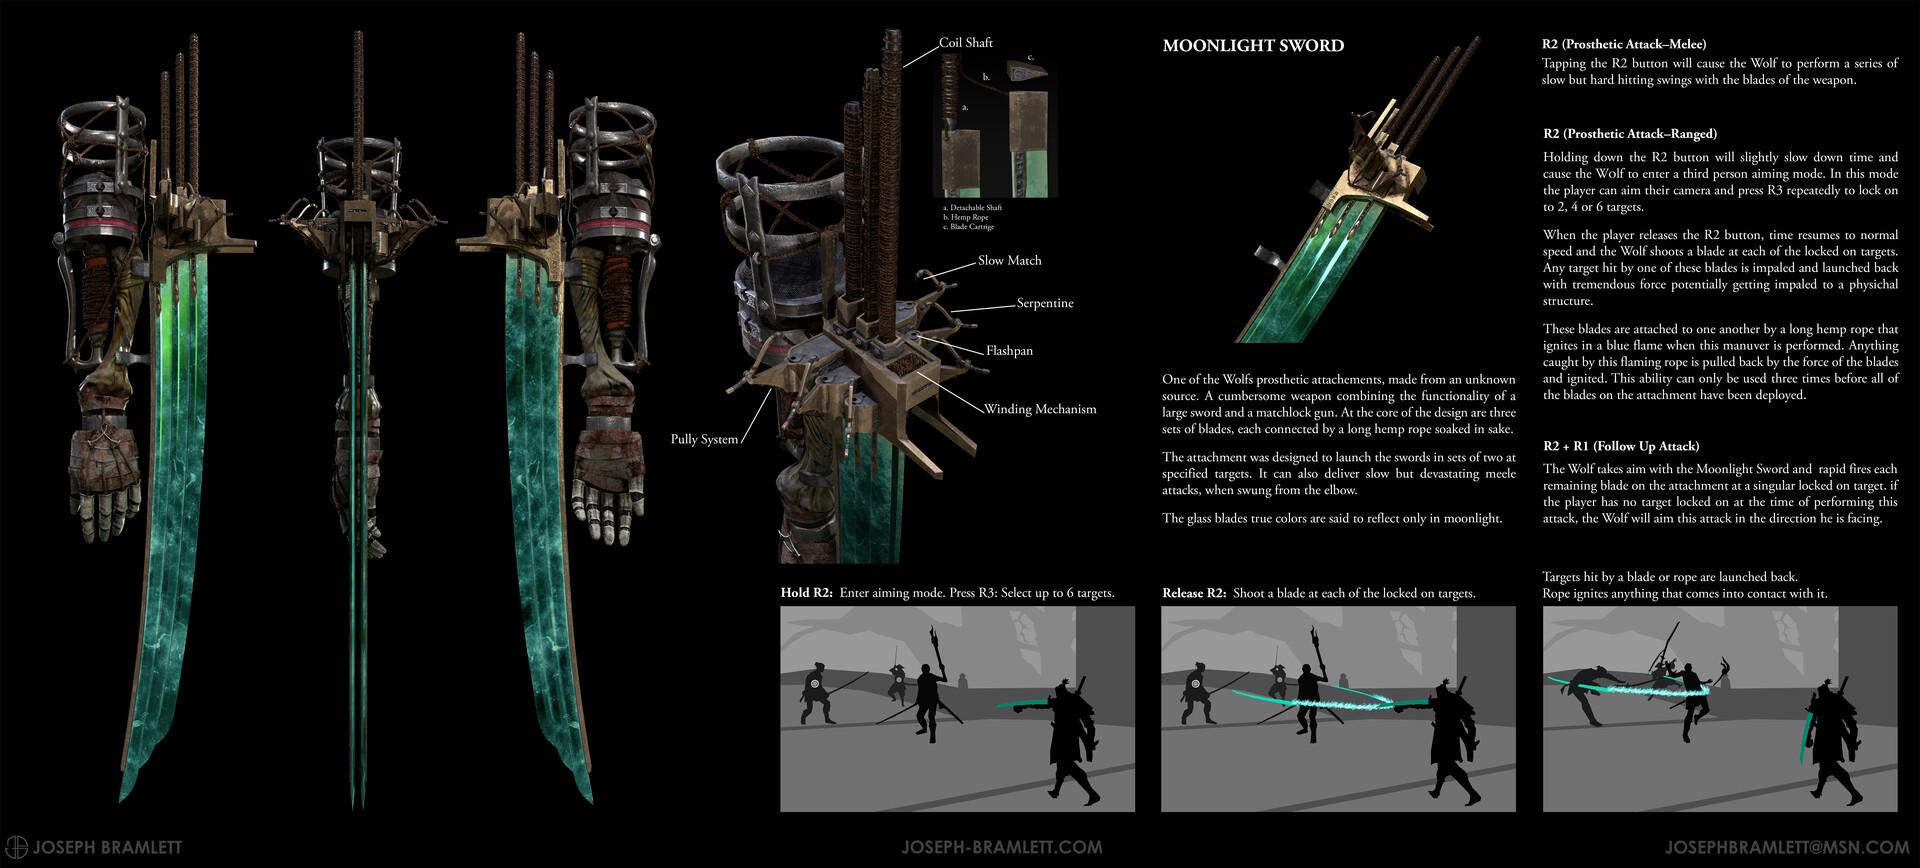 Joseph bramlett joseph bramlett moonlight sword sekiro contest entry v2